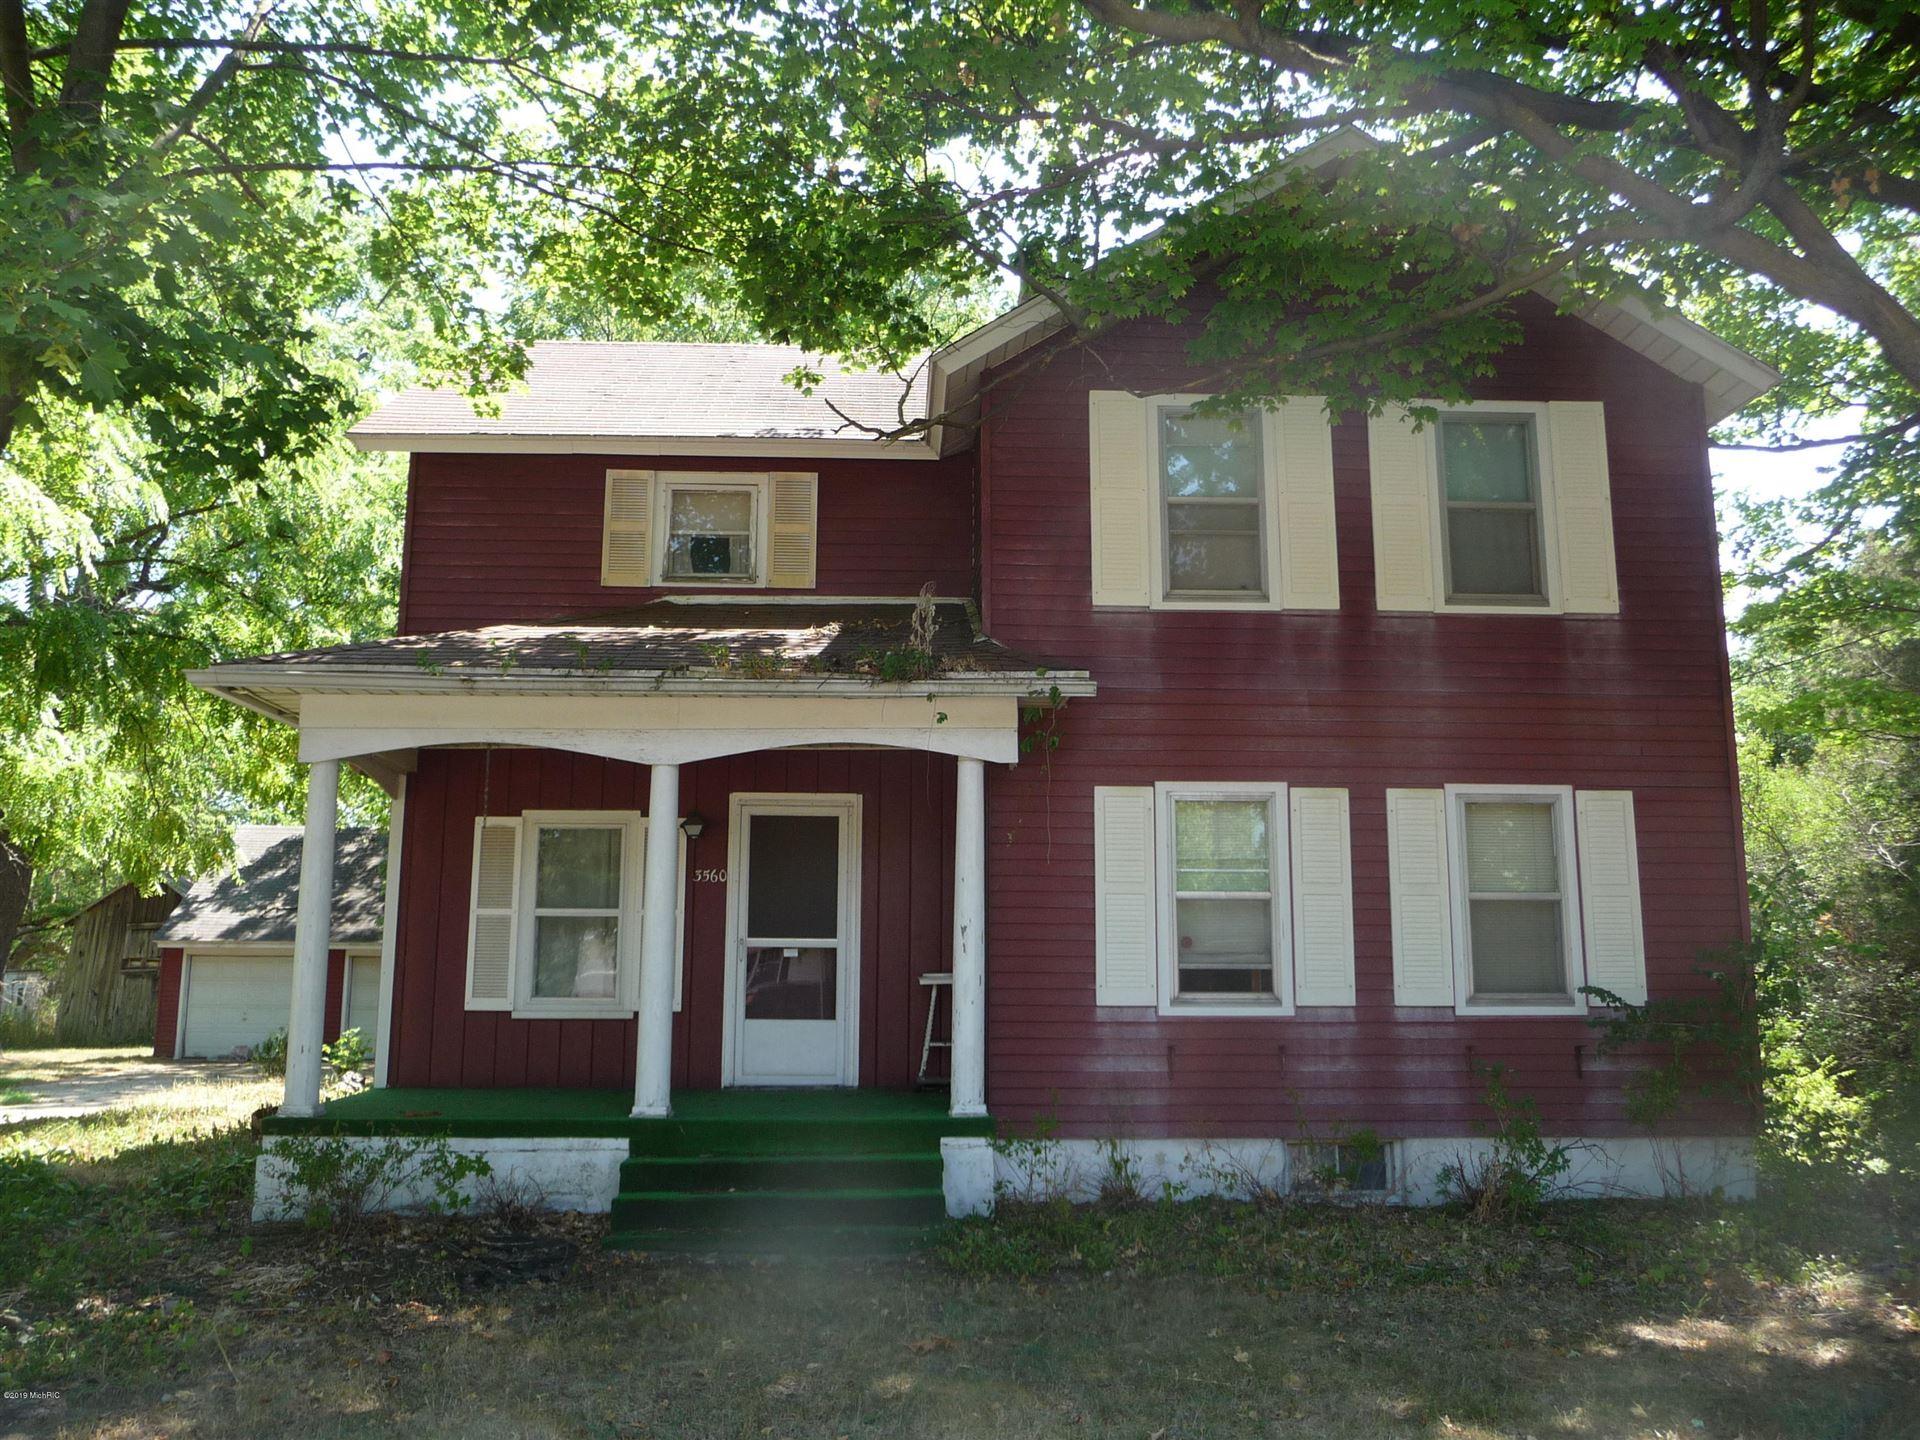 3560 Ivanrest Avenue SW #1, Grandville, MI 49418 - #: 19046066